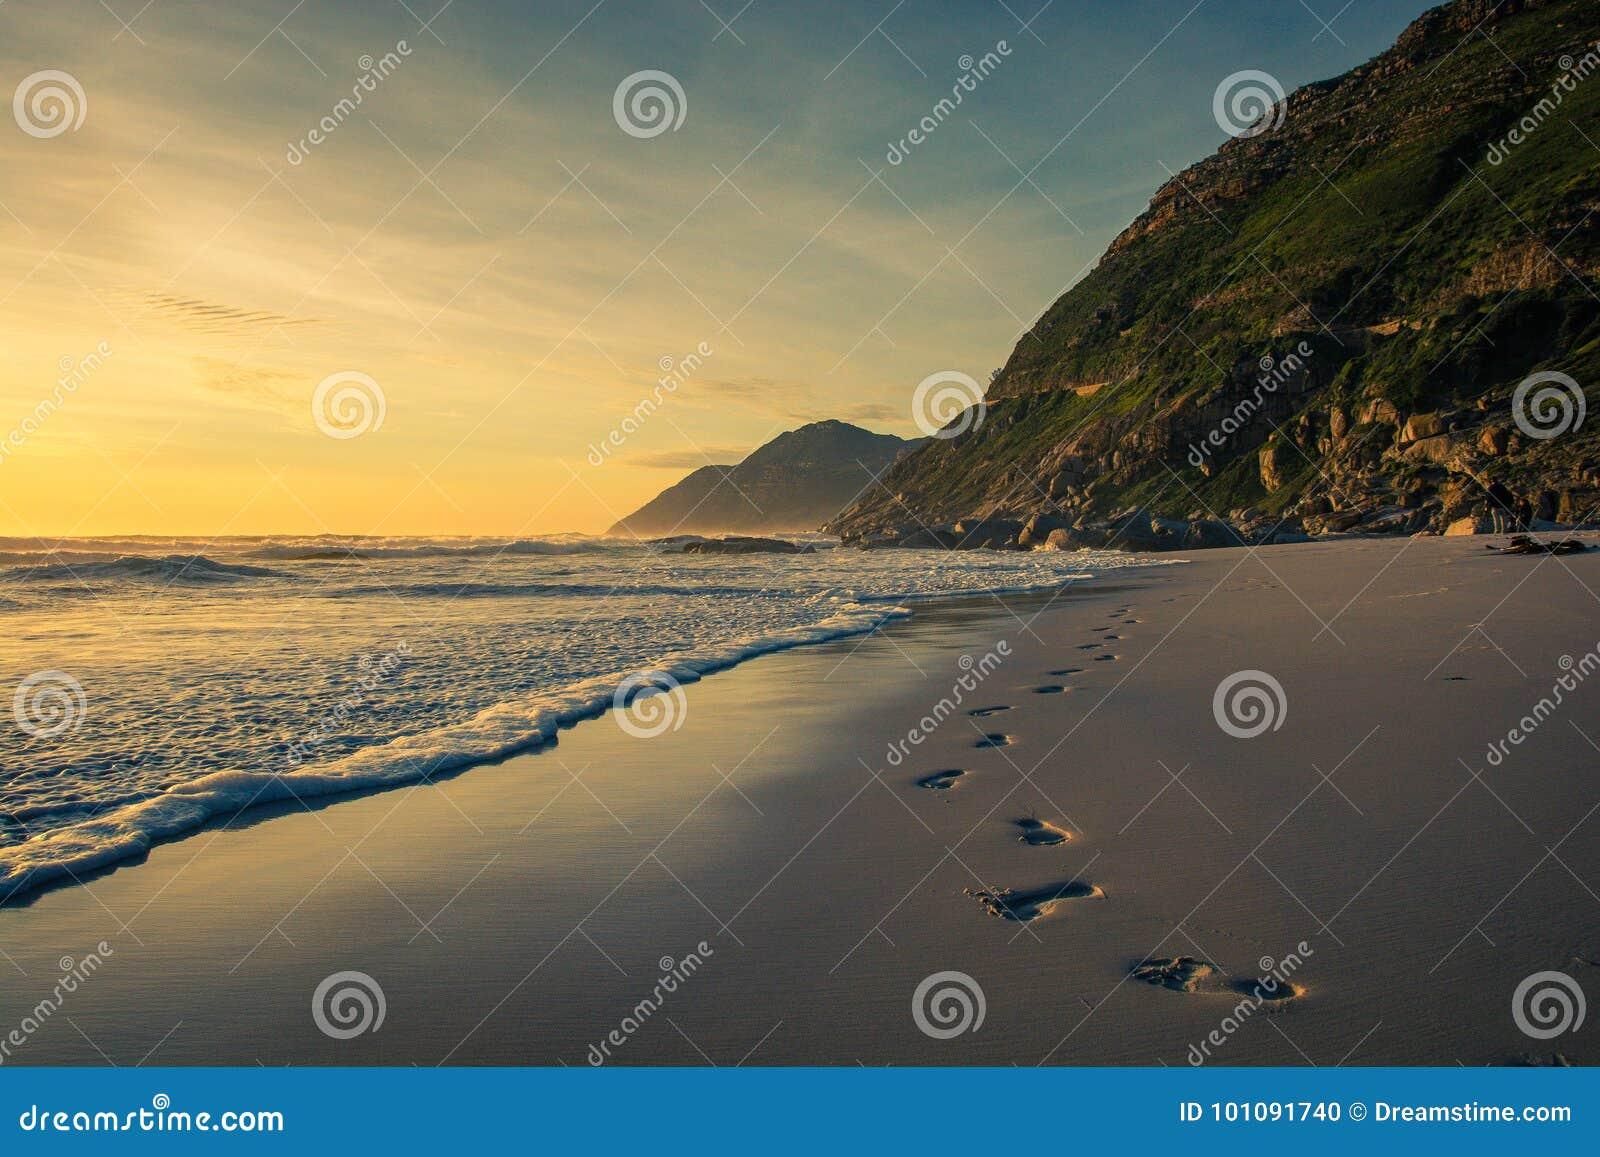 Huellas en la arena en la puesta del sol